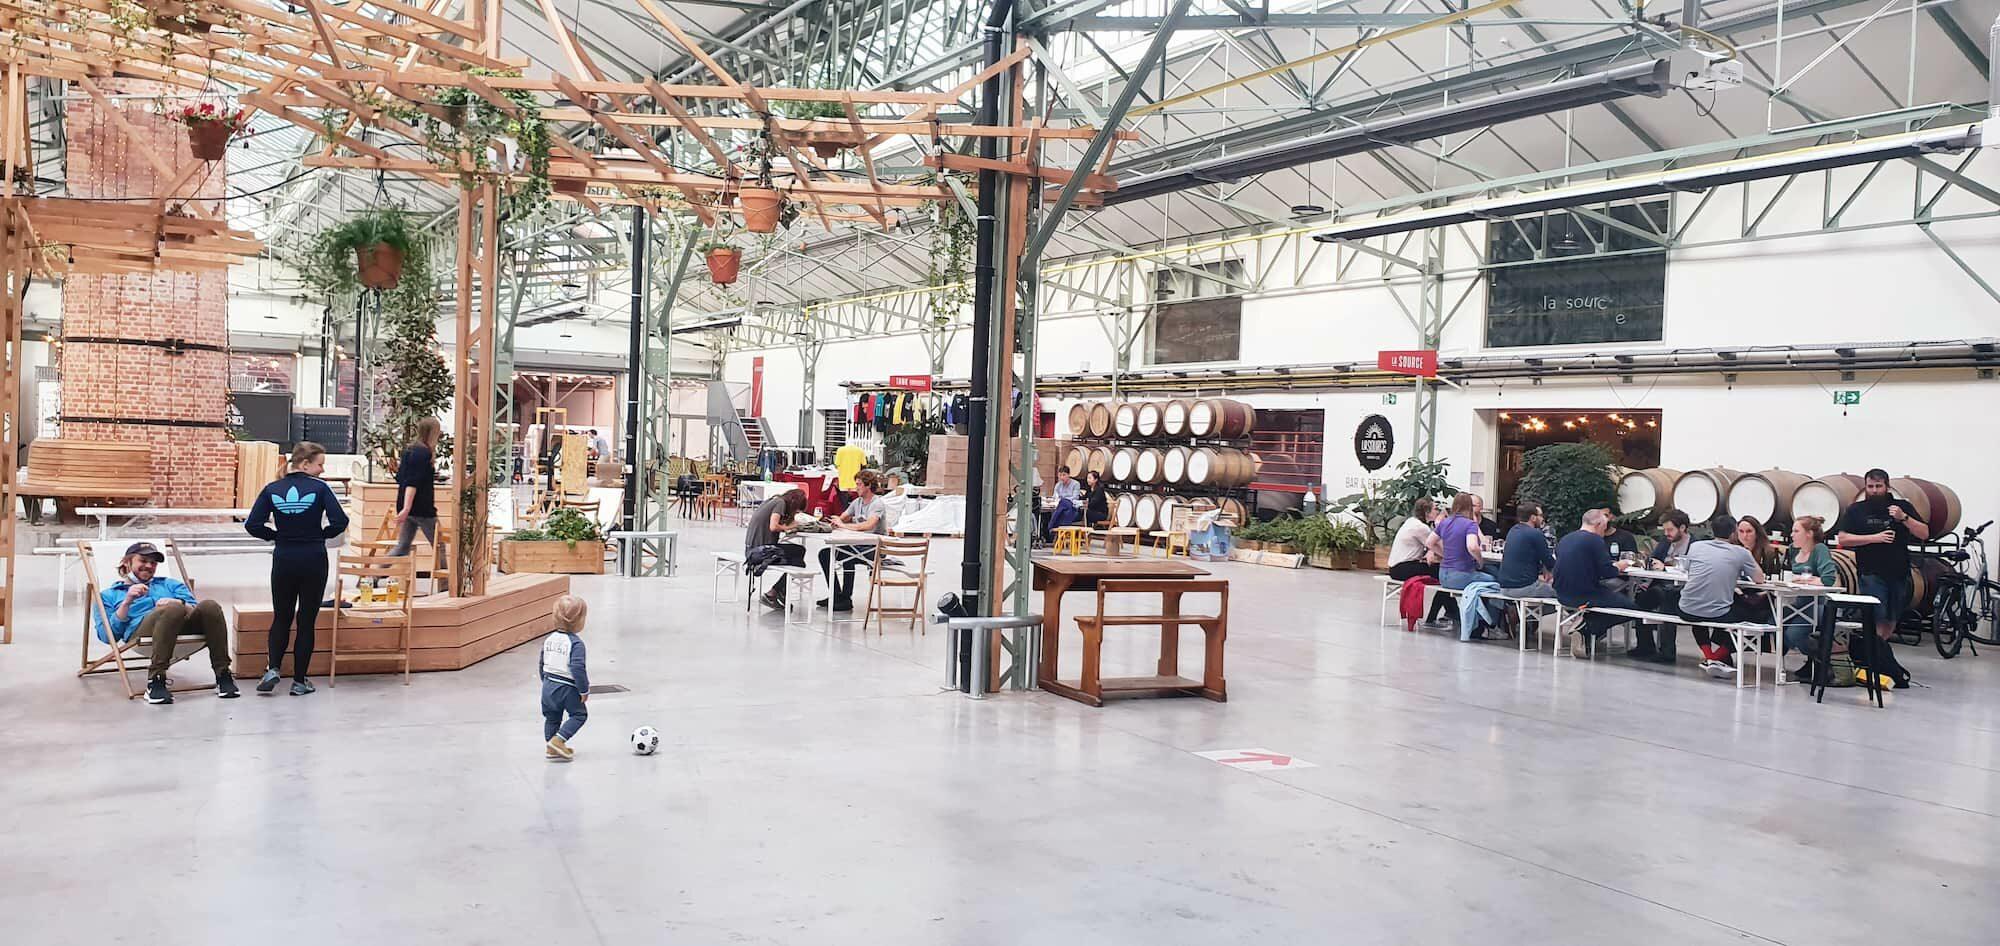 grande halle sous verrière espace ouvert public lunch brunch workshop